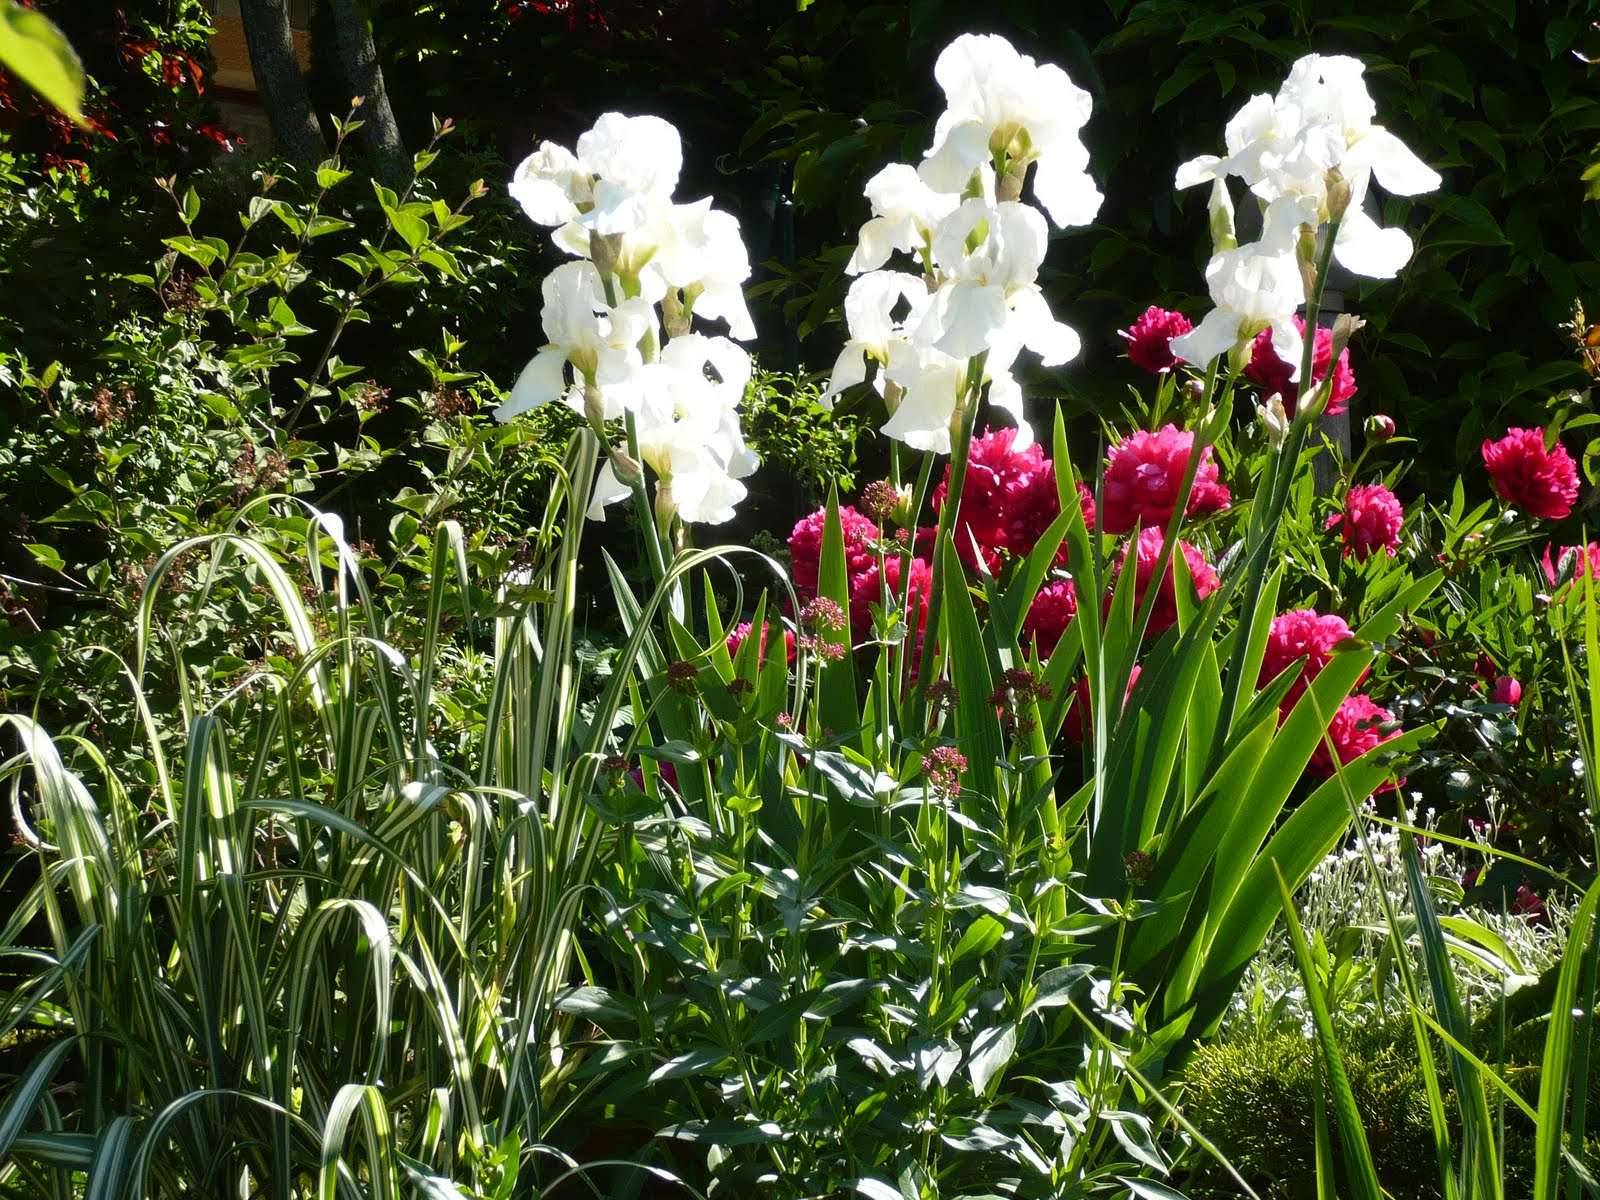 Le jardin des grandes vignes iris blanc et pivoine rubra plena - Le jardin des grandes vignes ...